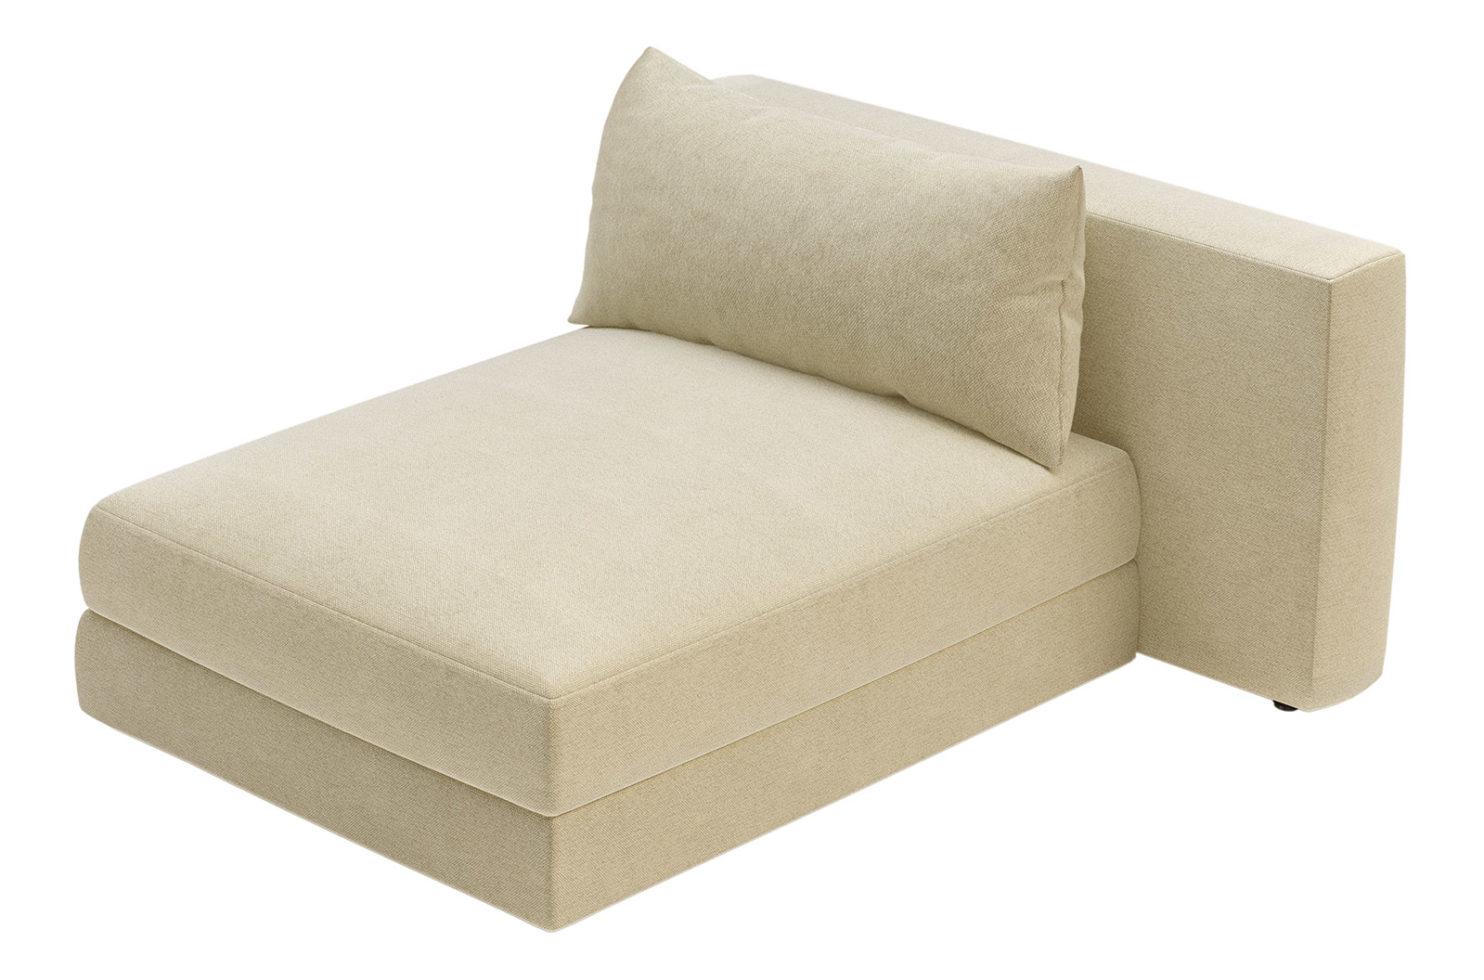 fizz julep armless chaise 105FT002P2 RSA